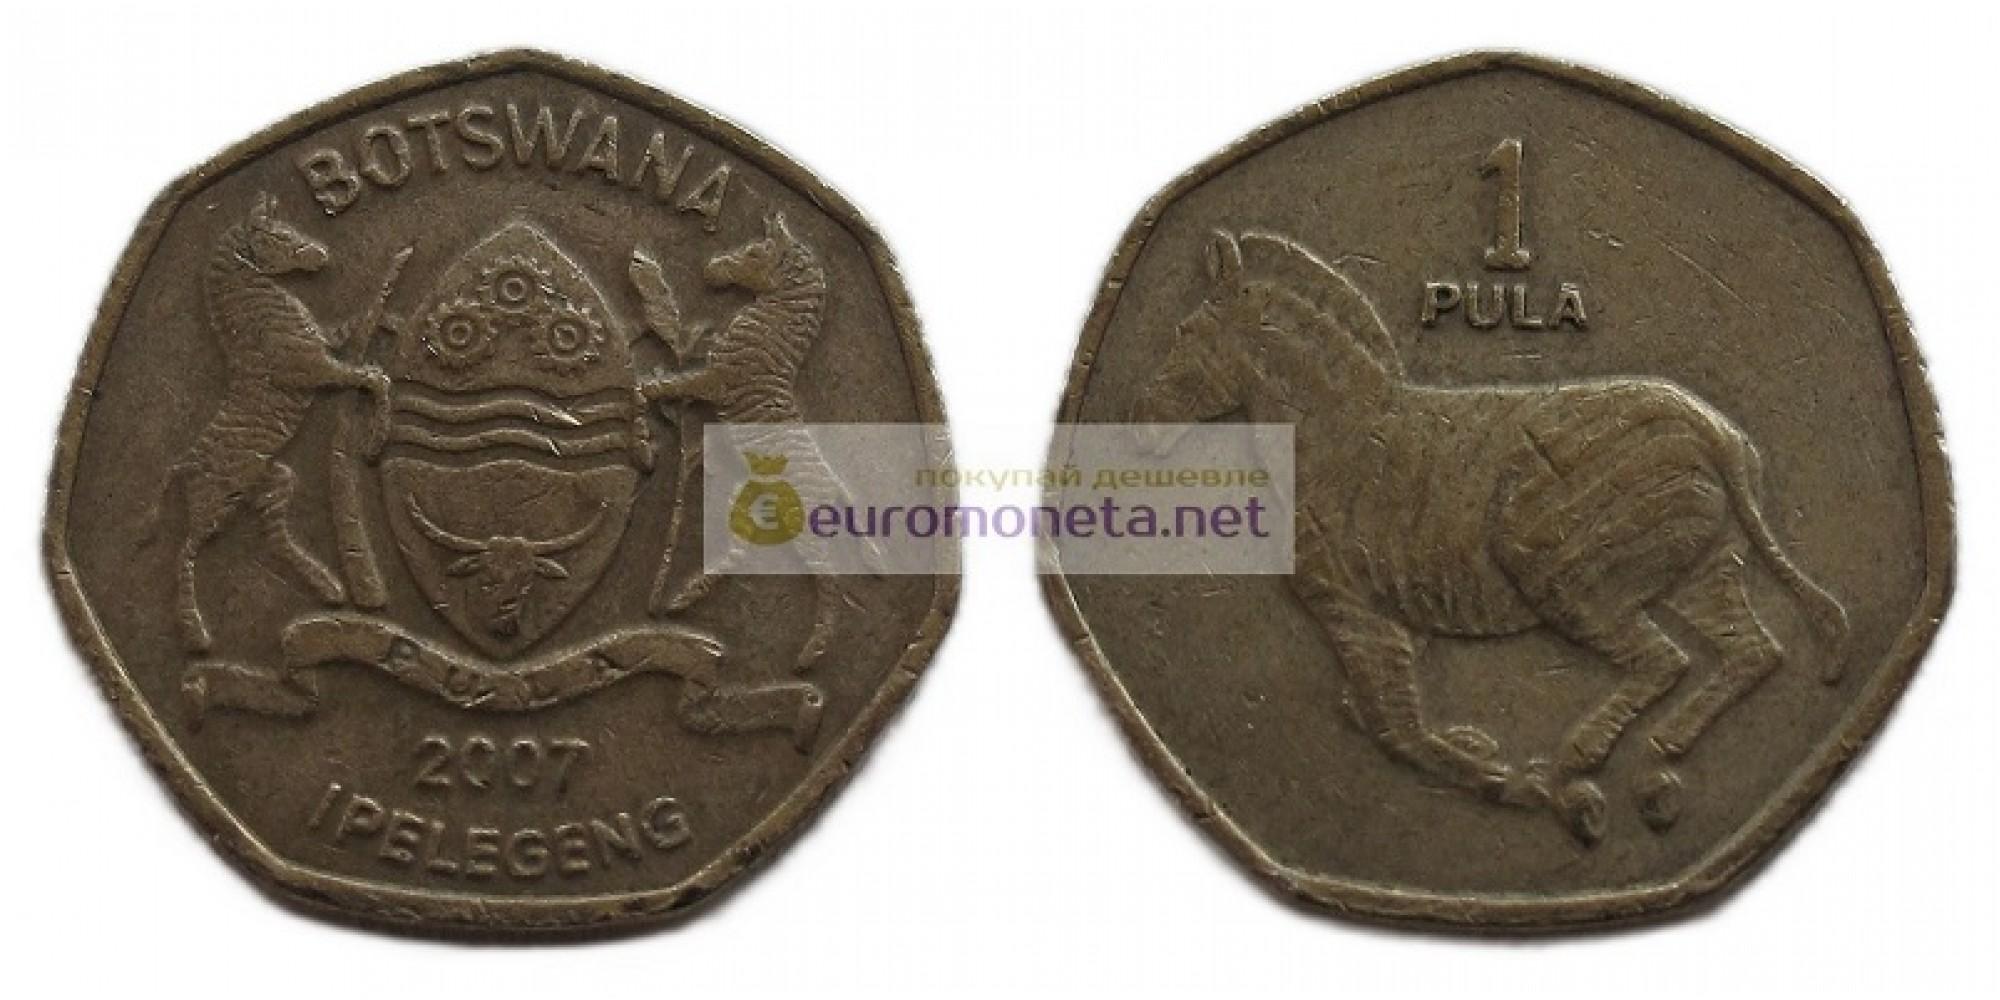 Республика Ботсвана 1 пула 2007 год.